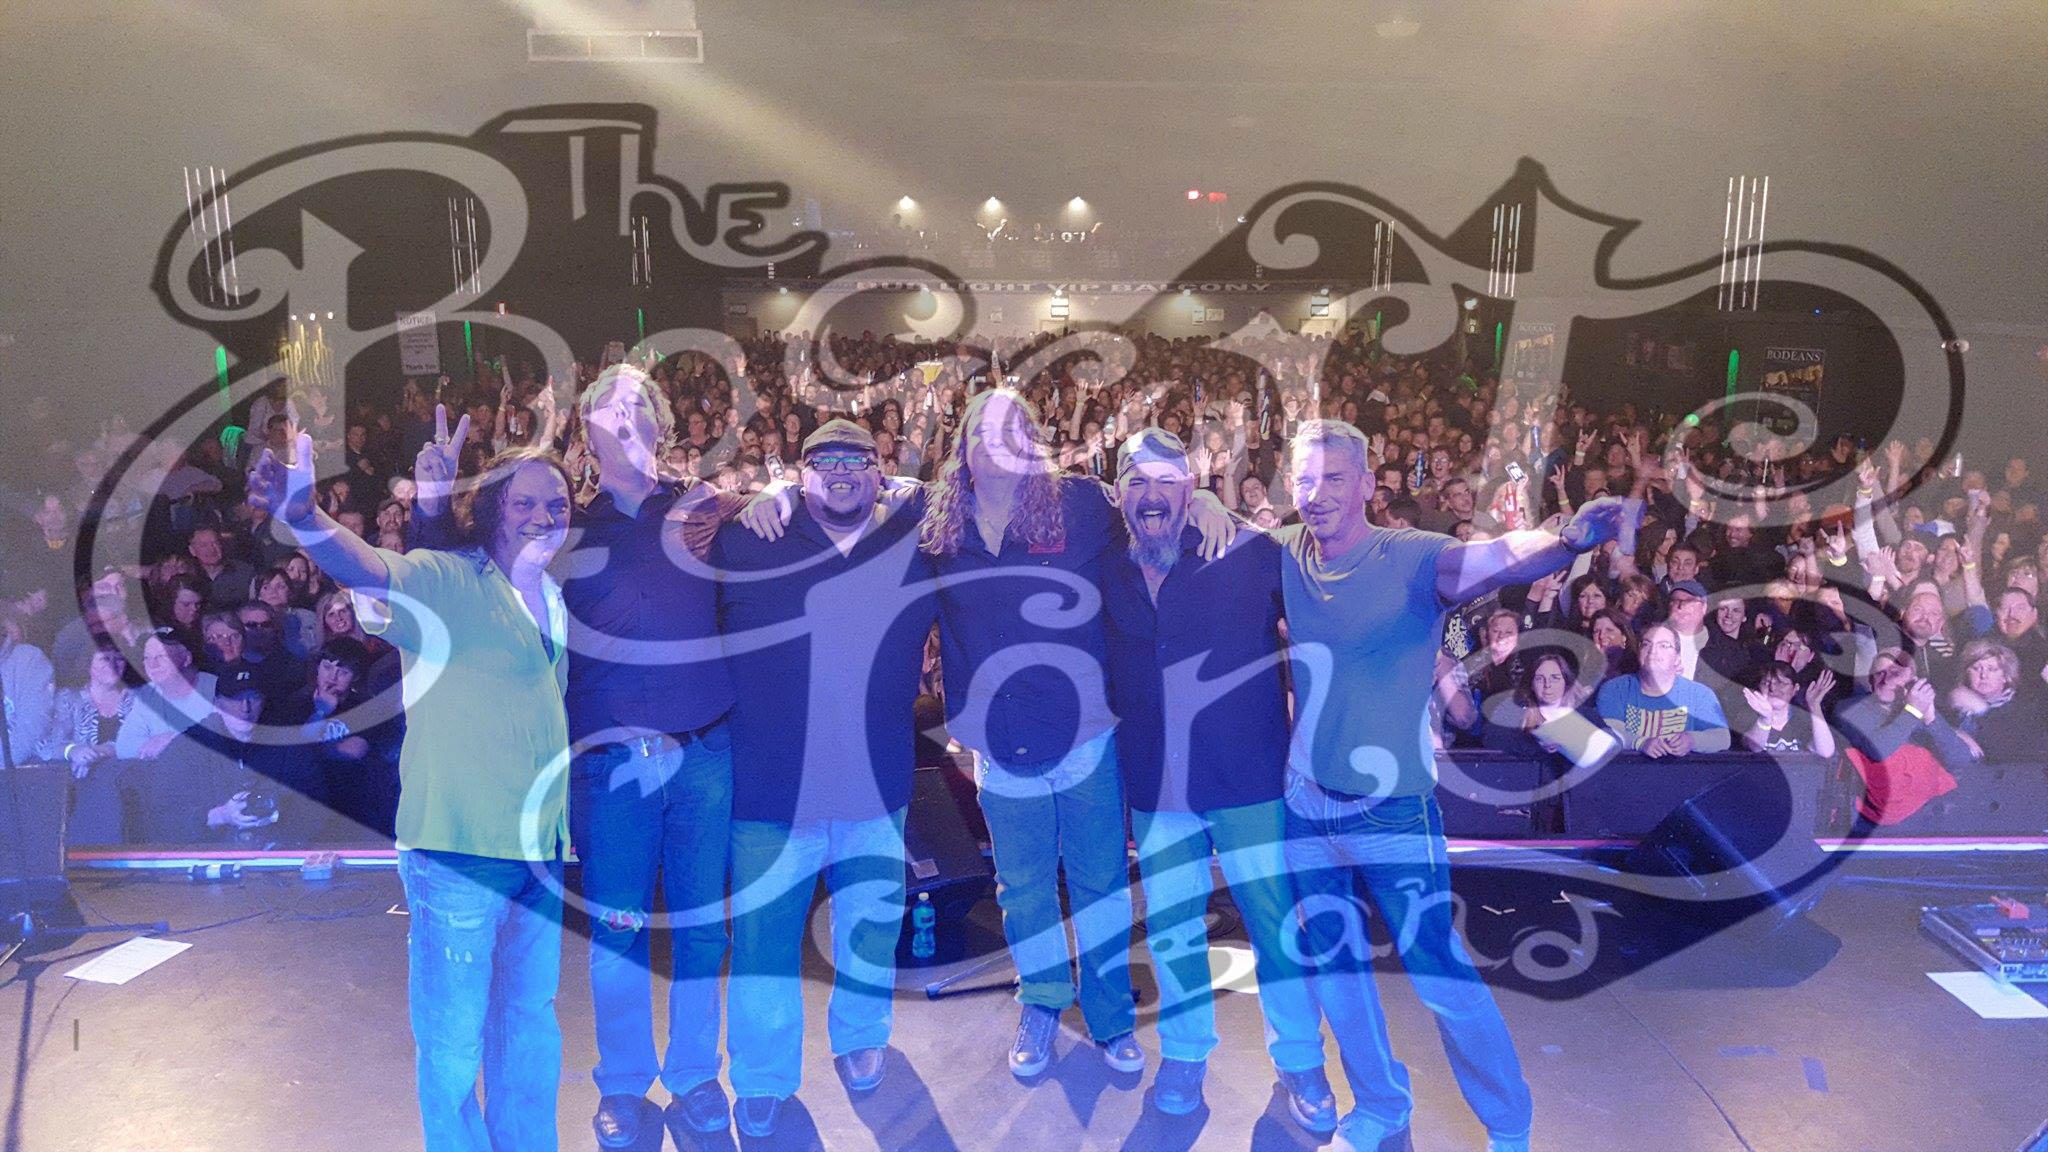 the bogart Jones band